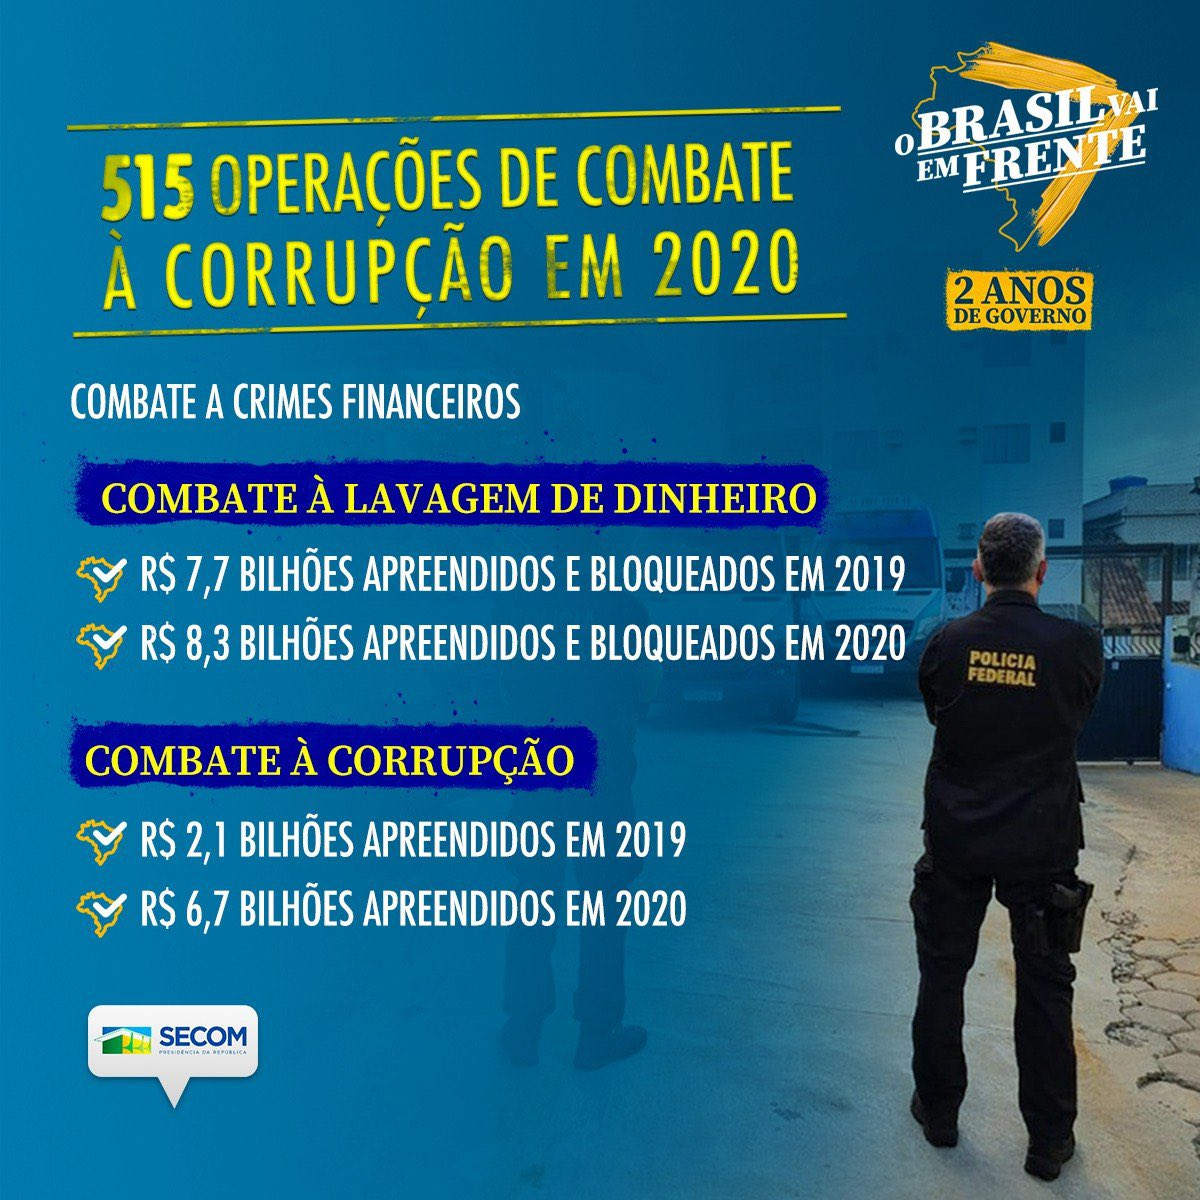 Mesmo com a pandemia, o Governo @JairBolsonaro não deixou o combate ao crime em segundo plano.  Foram 515 operações contra crimes financeiros em 2020, com R$ 15 bilhões apreendidos e bloqueados durante o ano em ações contra corrupção e lavagem de dinheiro.